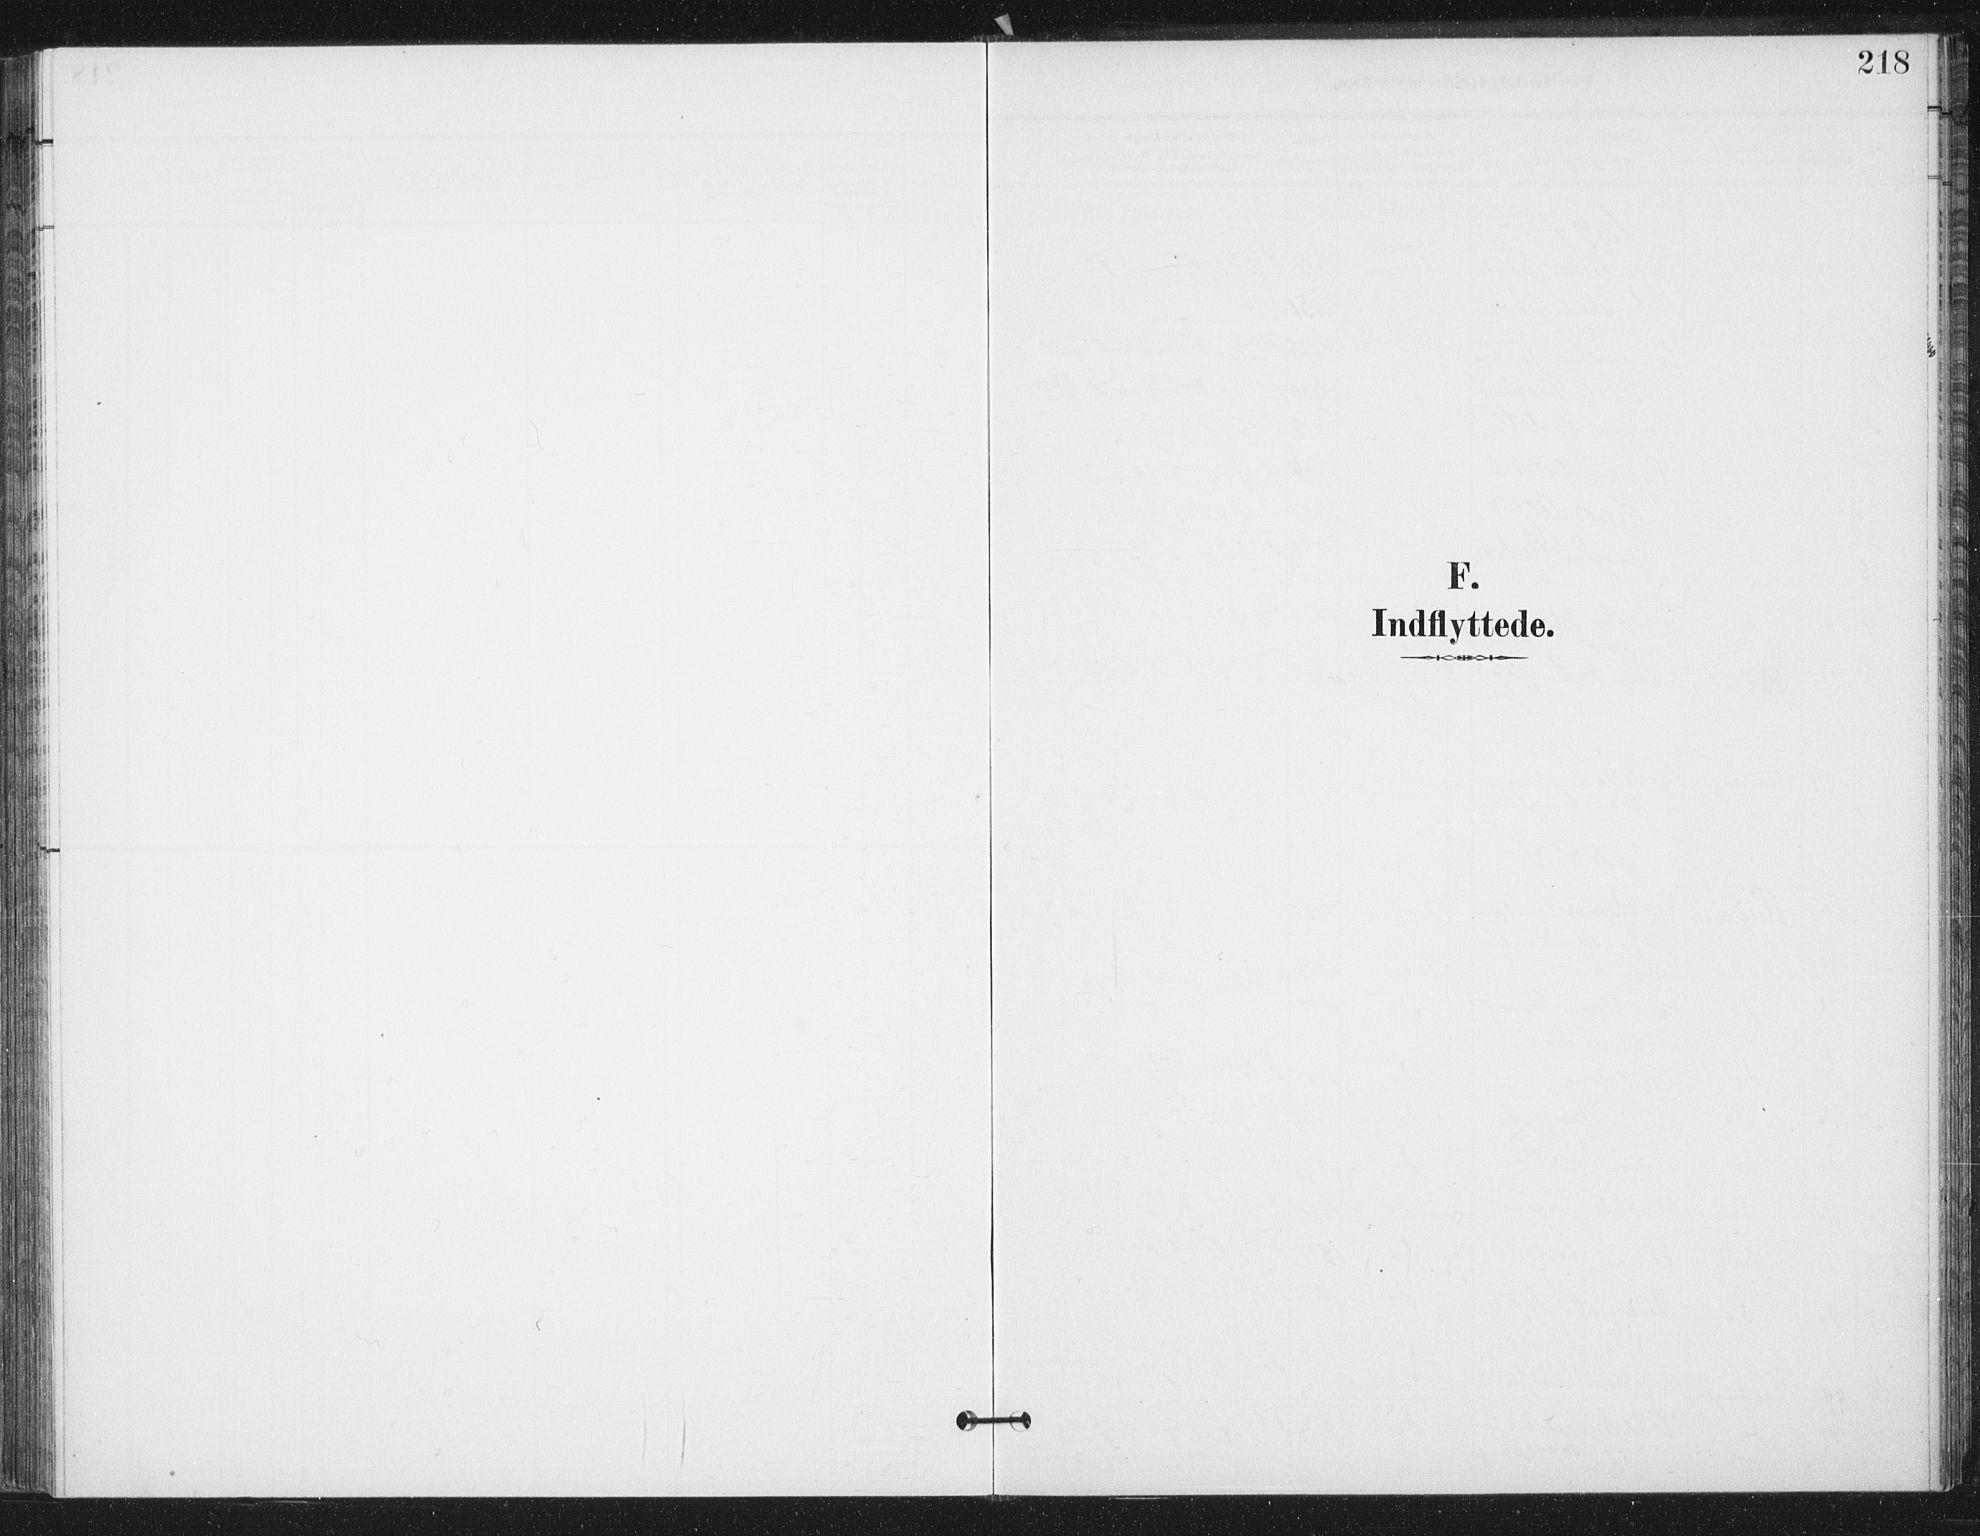 SAT, Ministerialprotokoller, klokkerbøker og fødselsregistre - Sør-Trøndelag, 658/L0723: Ministerialbok nr. 658A02, 1897-1912, s. 218